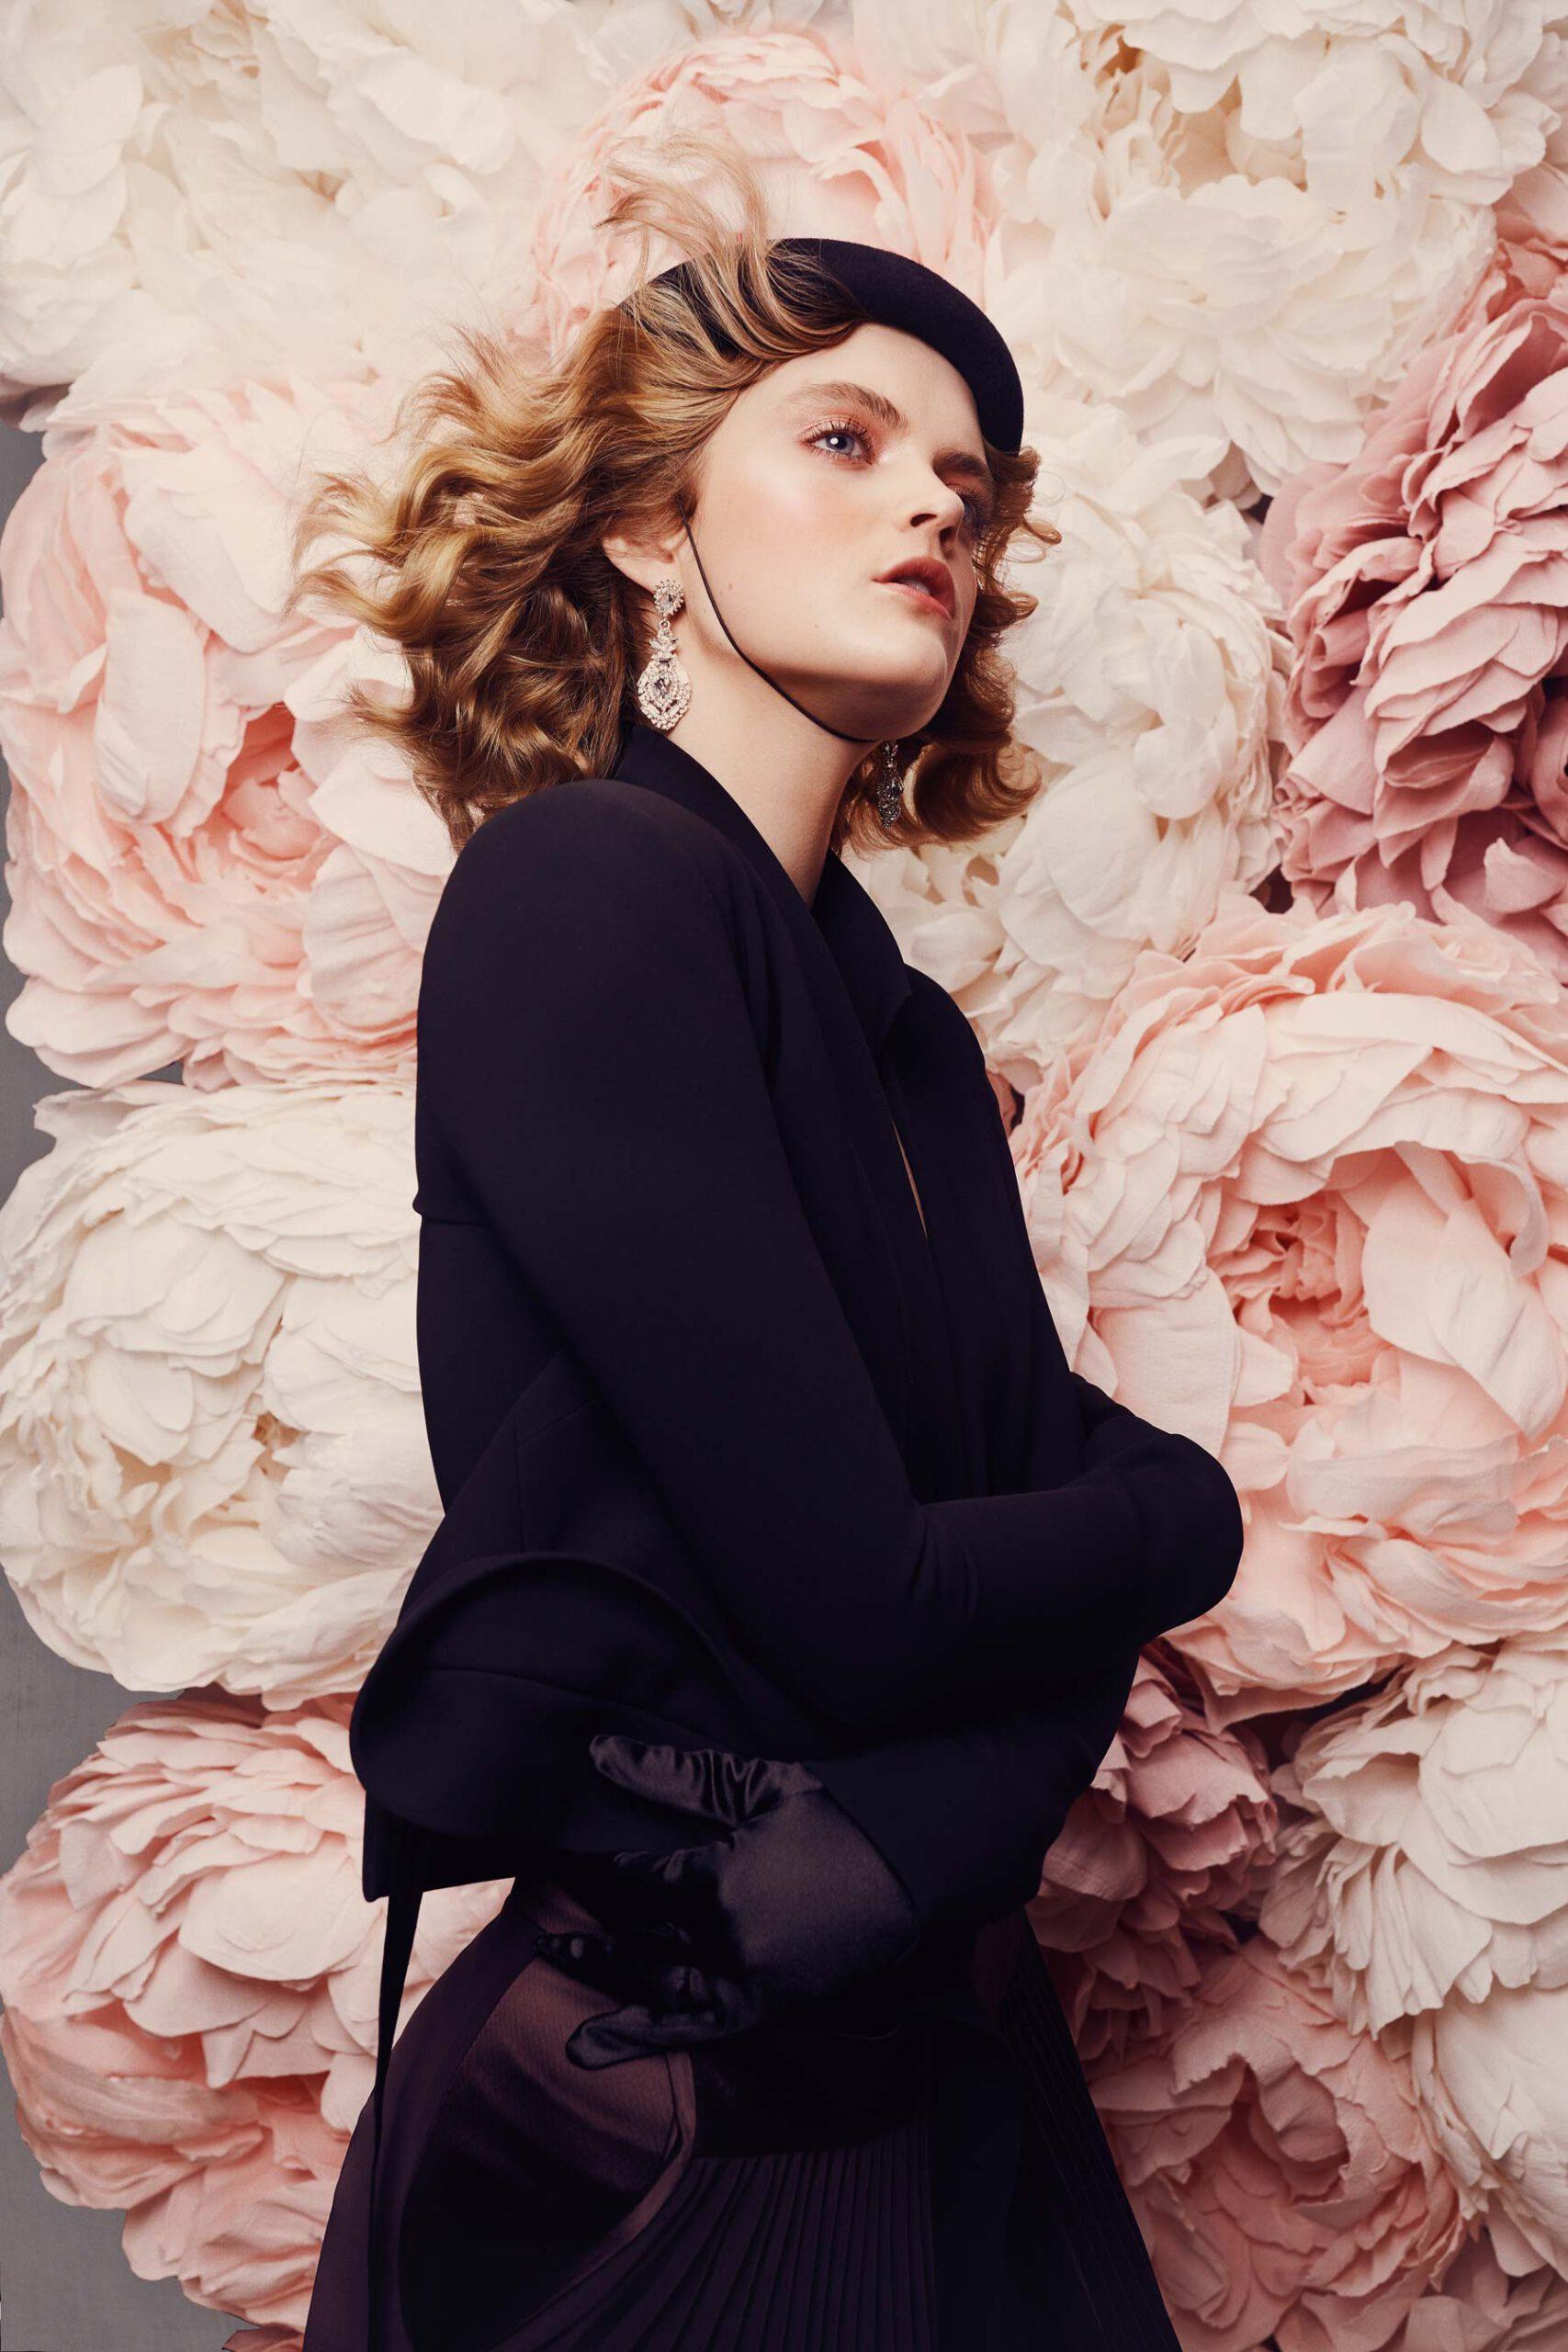 Photo shoot mode et portrait avec décor et mur de floral rose